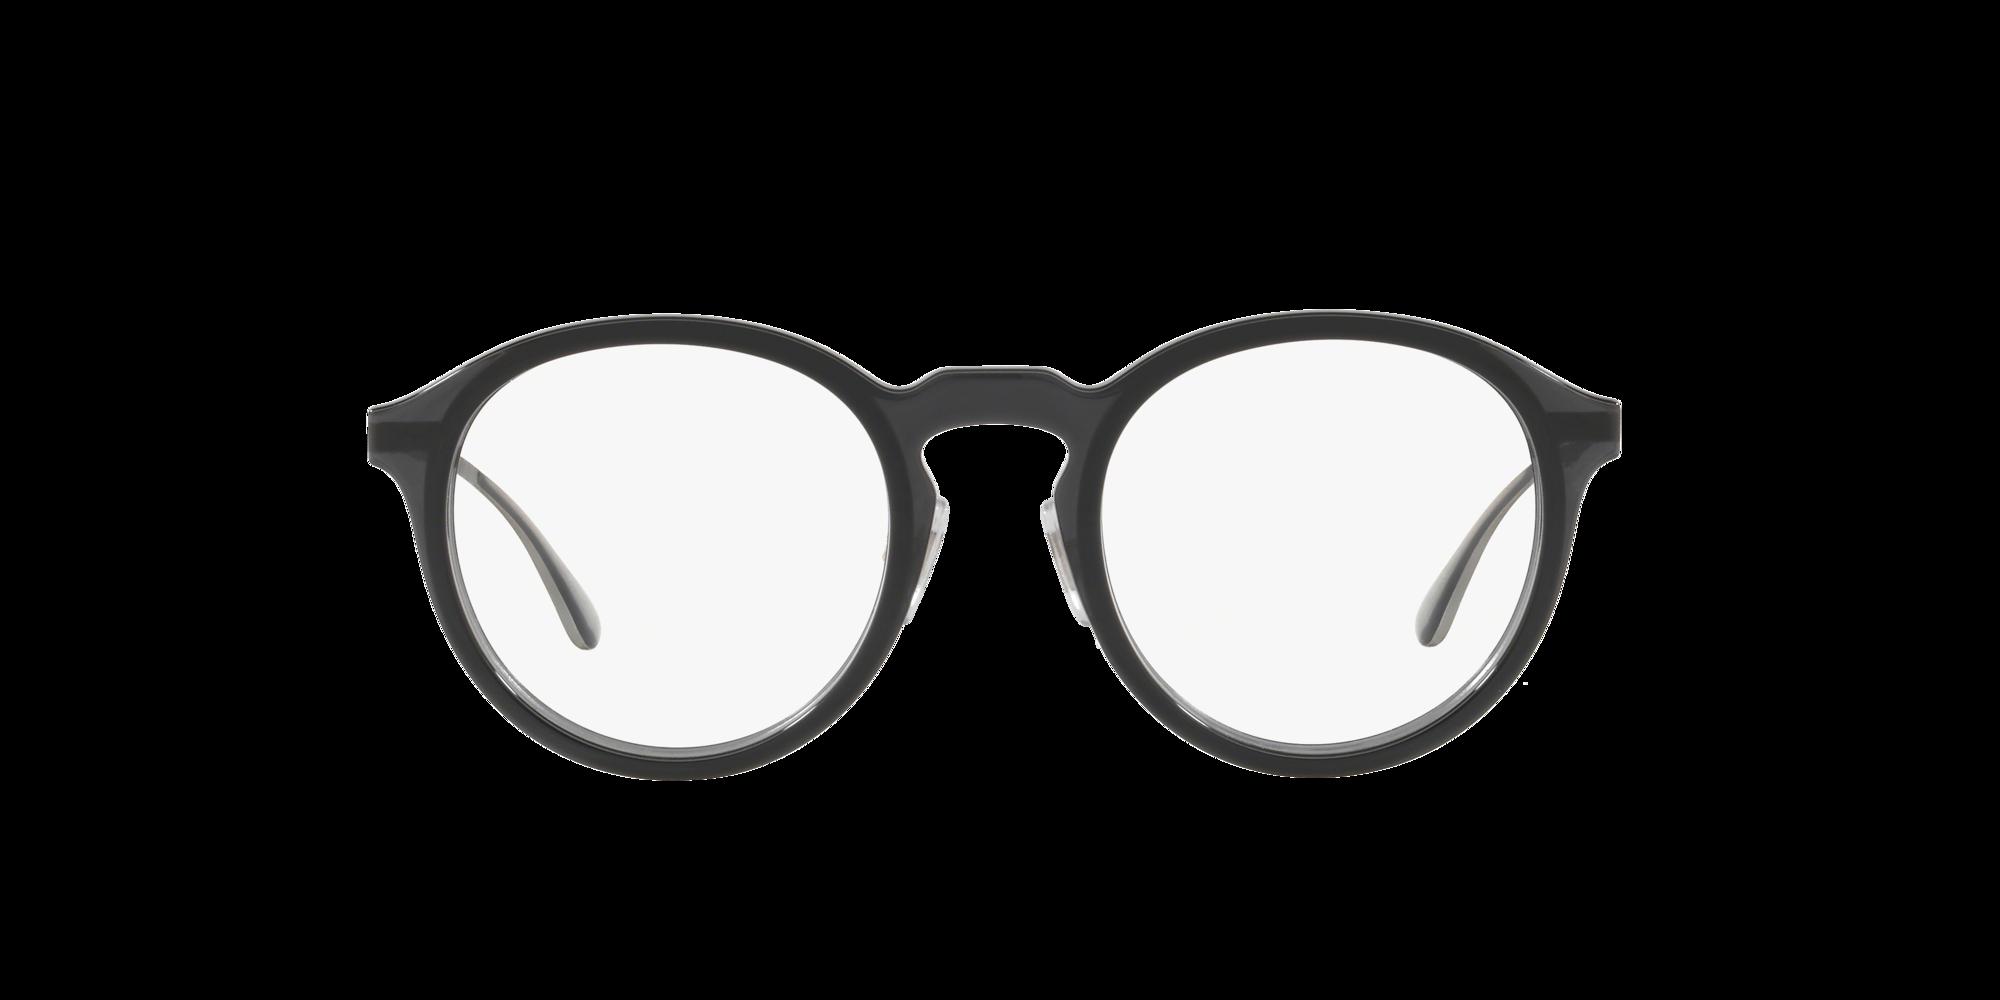 Imagen para PH2188 de LensCrafters |  Espejuelos, espejuelos graduados en línea, gafas